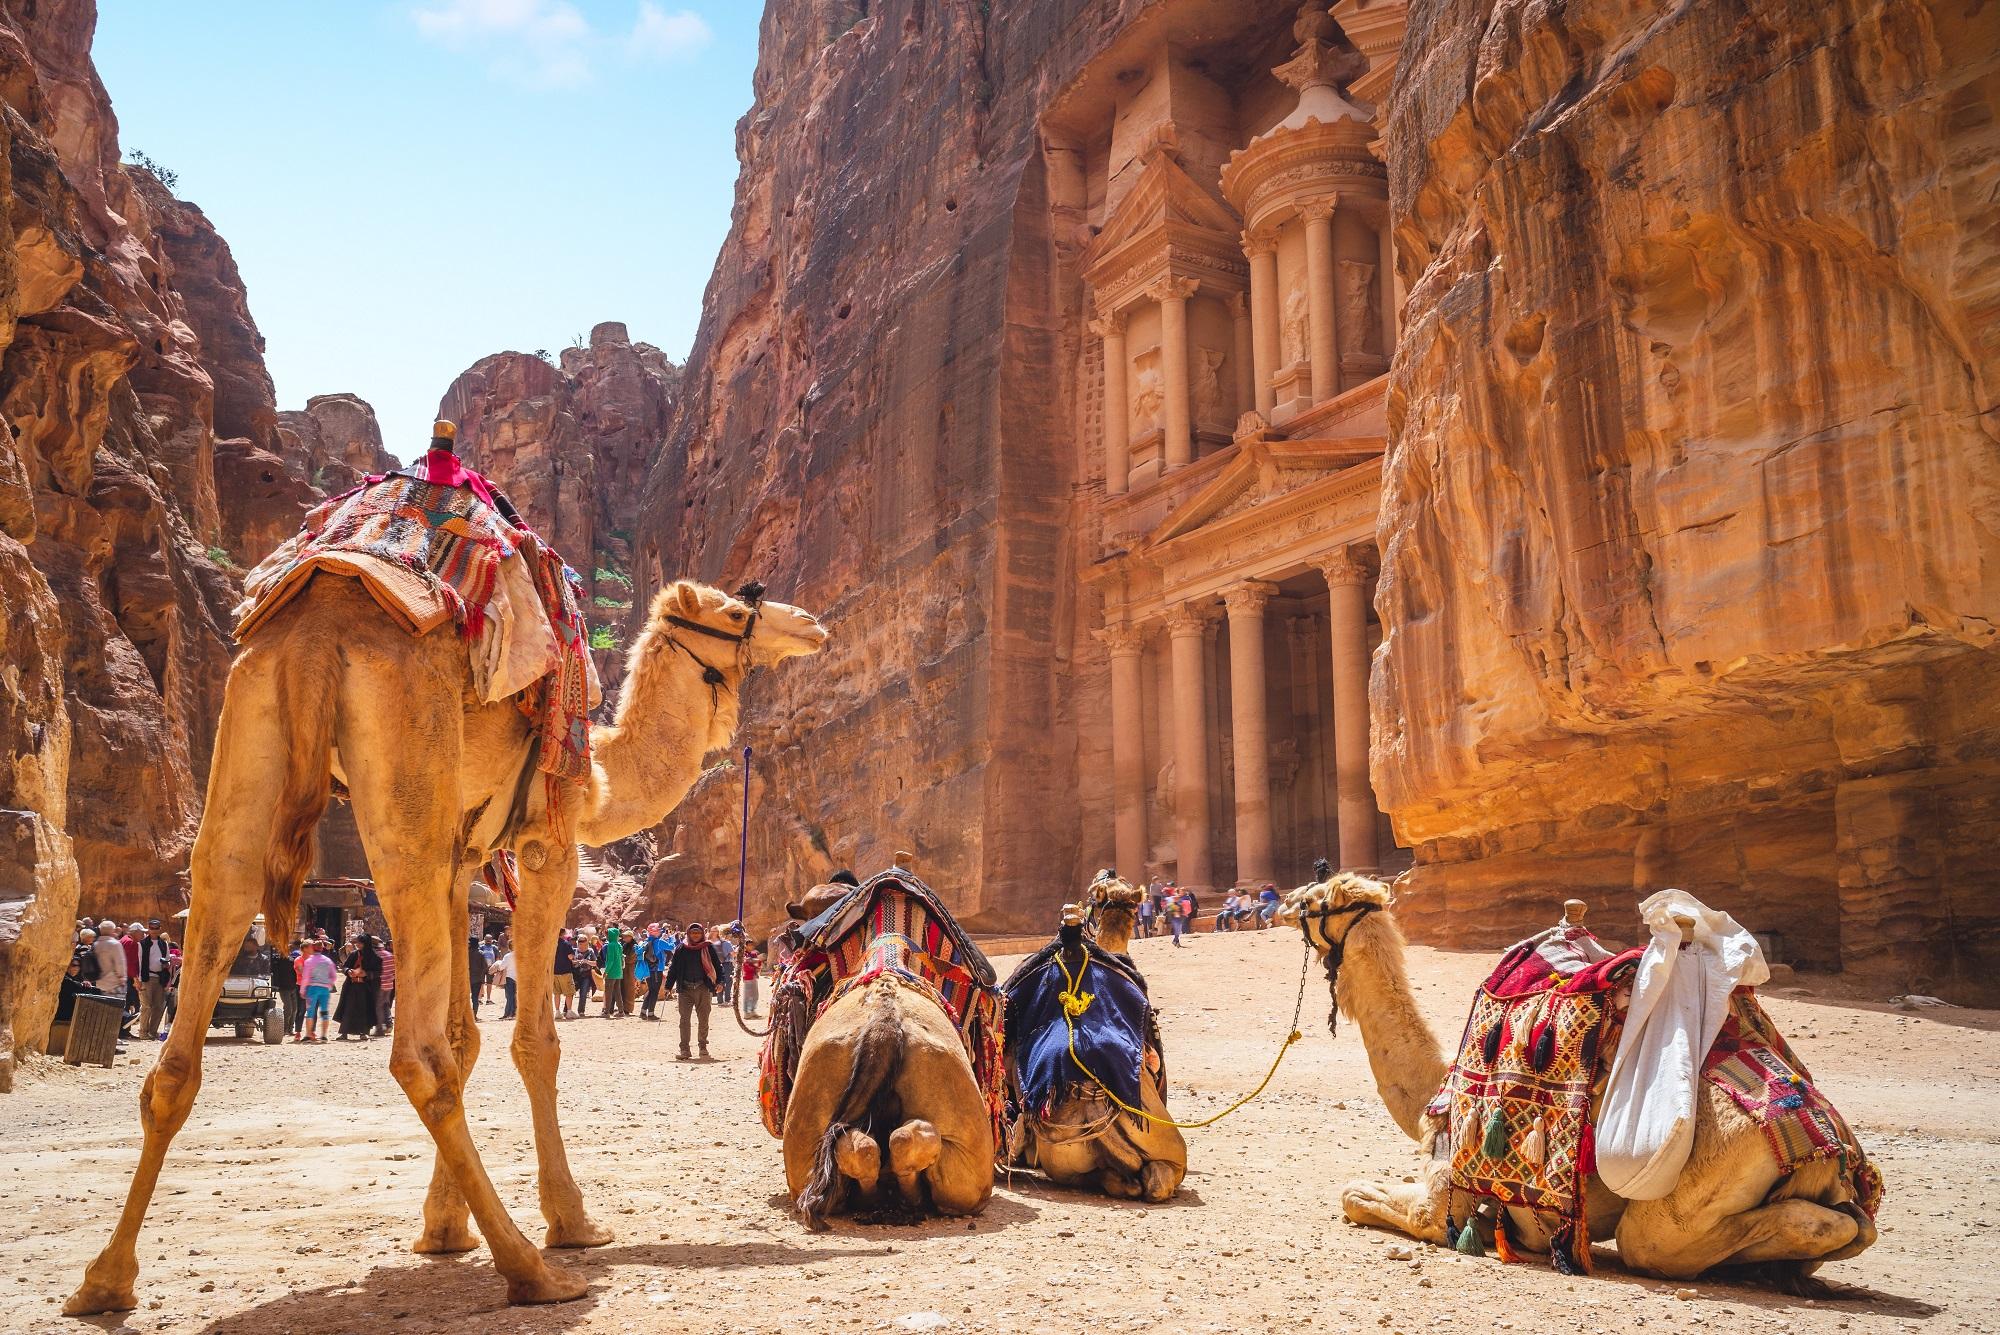 Voyages en Jordanie, Aman, Petra, Aqaba, circuits, séjours, autotours. Agence de voyage Les Comptoirs du Monde, pour individuels et groupes